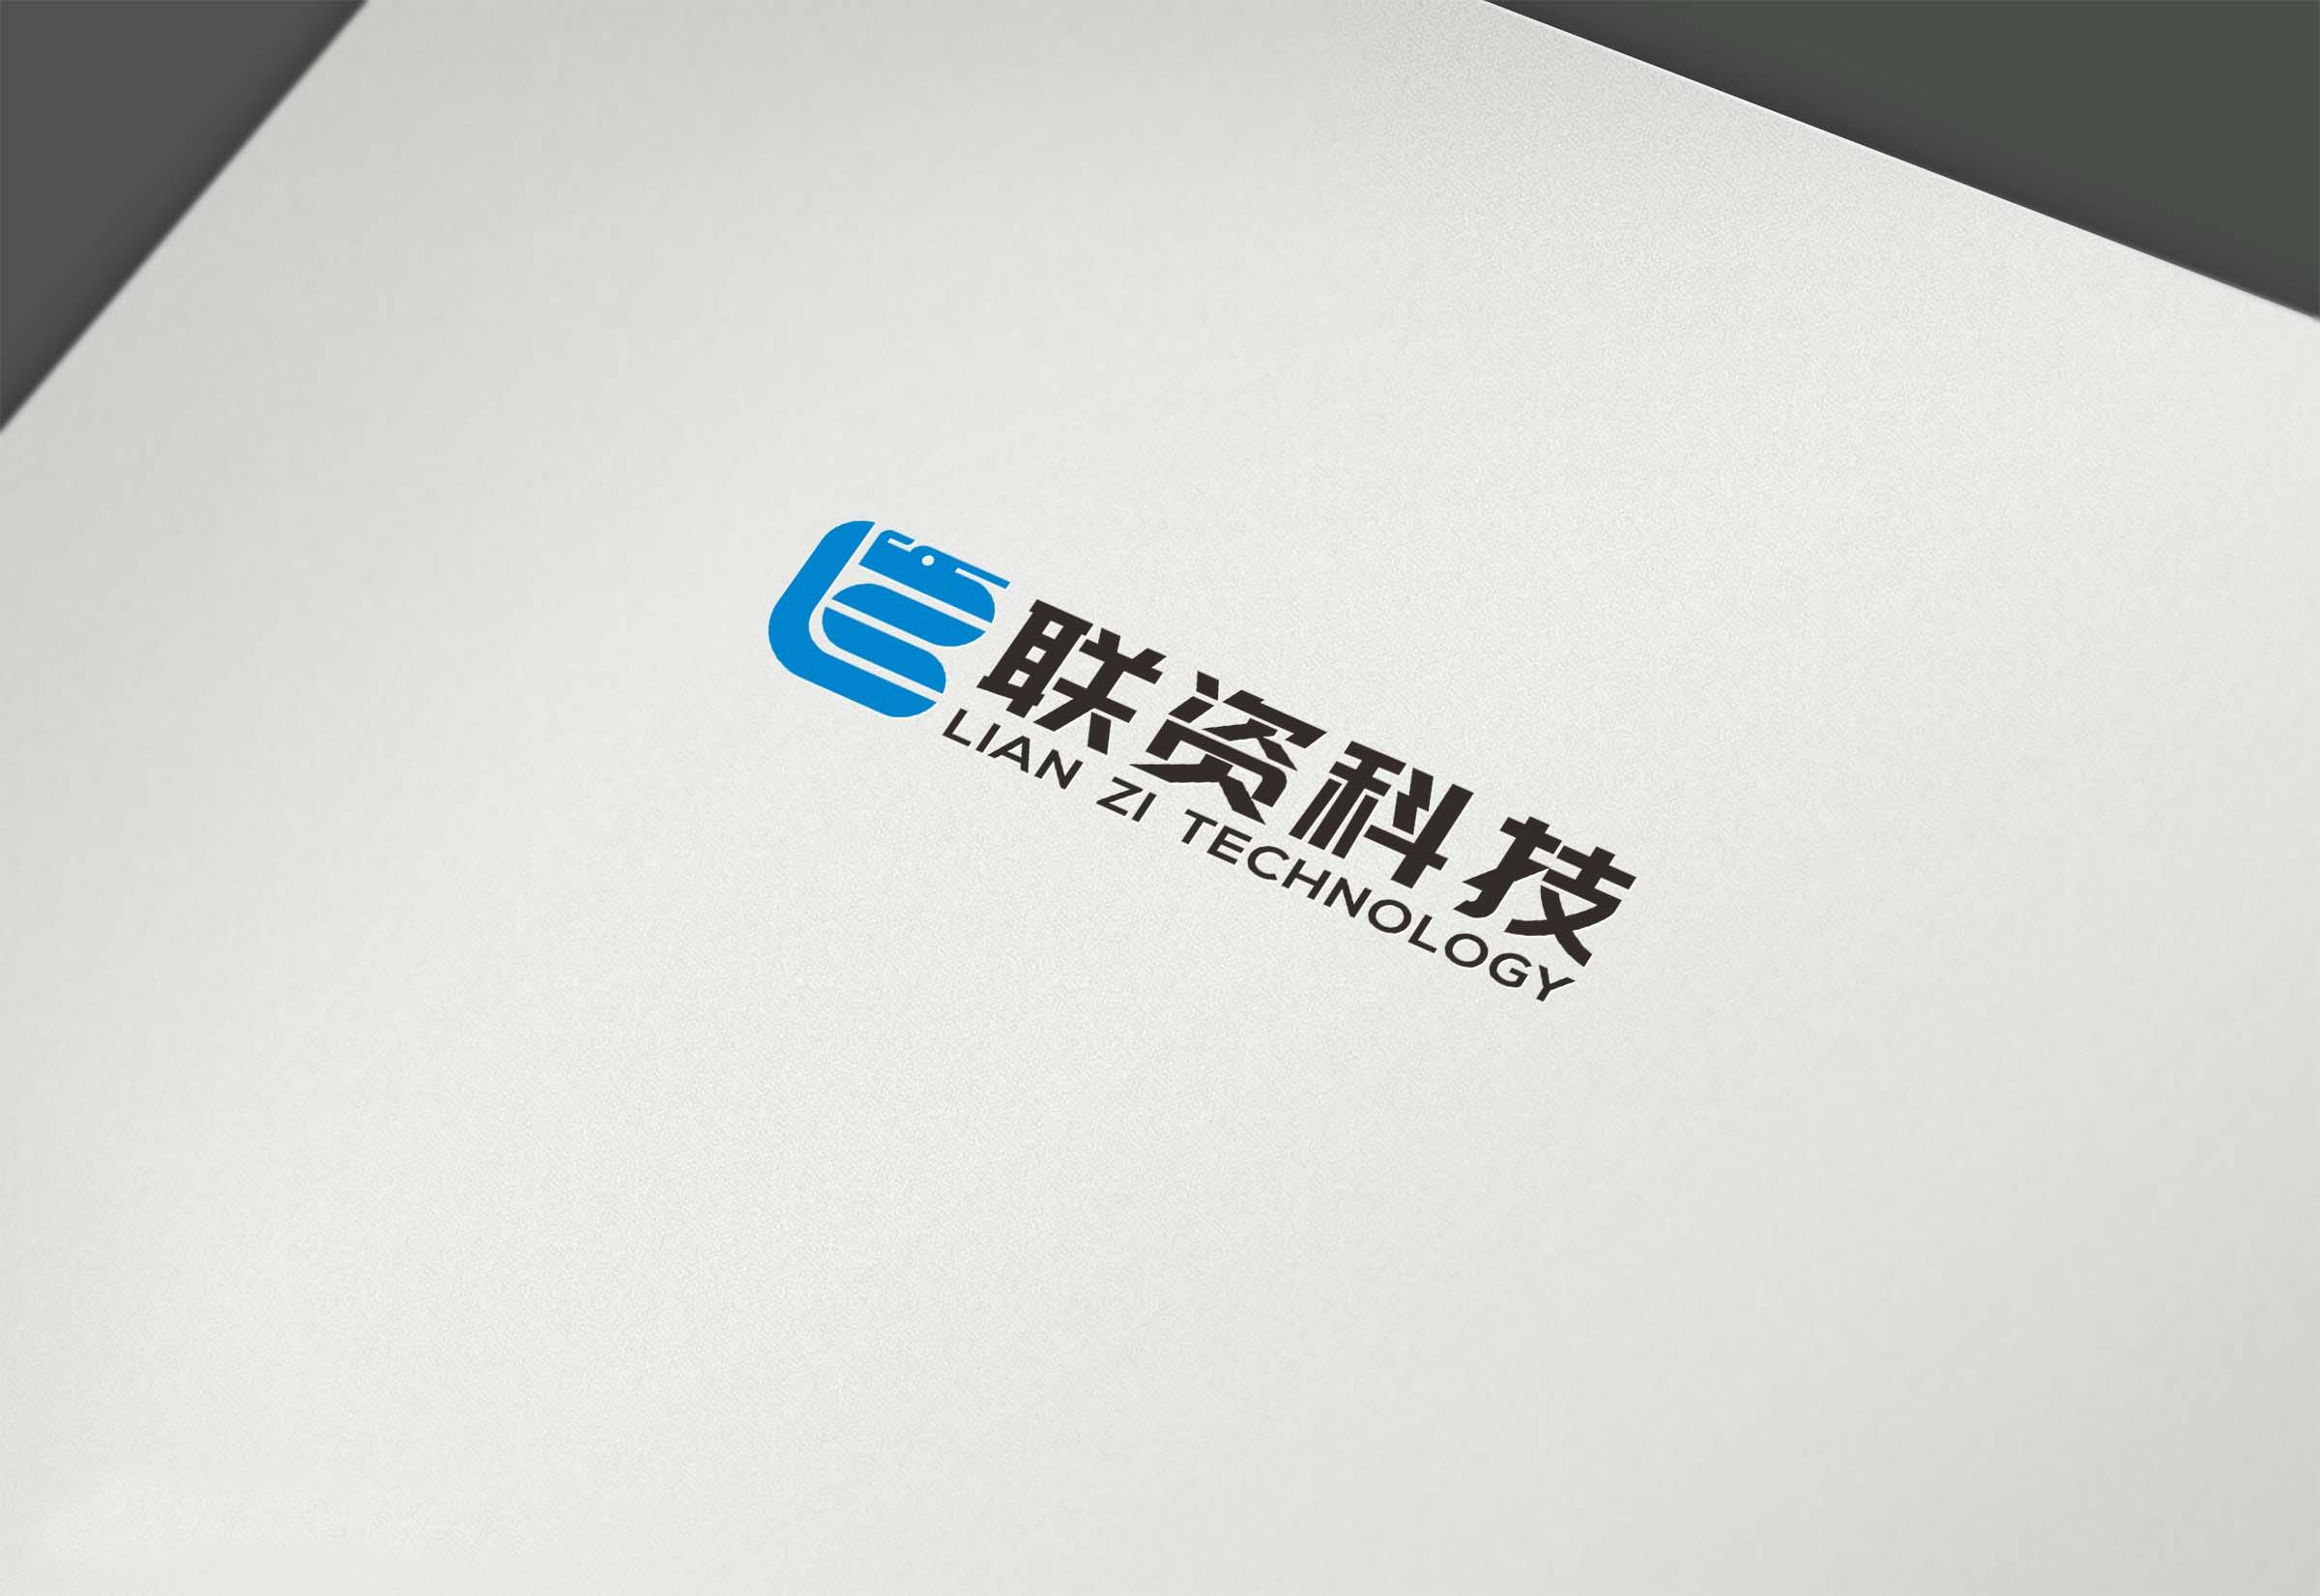 石化行业公司Logo设计_2963416_k68威客网